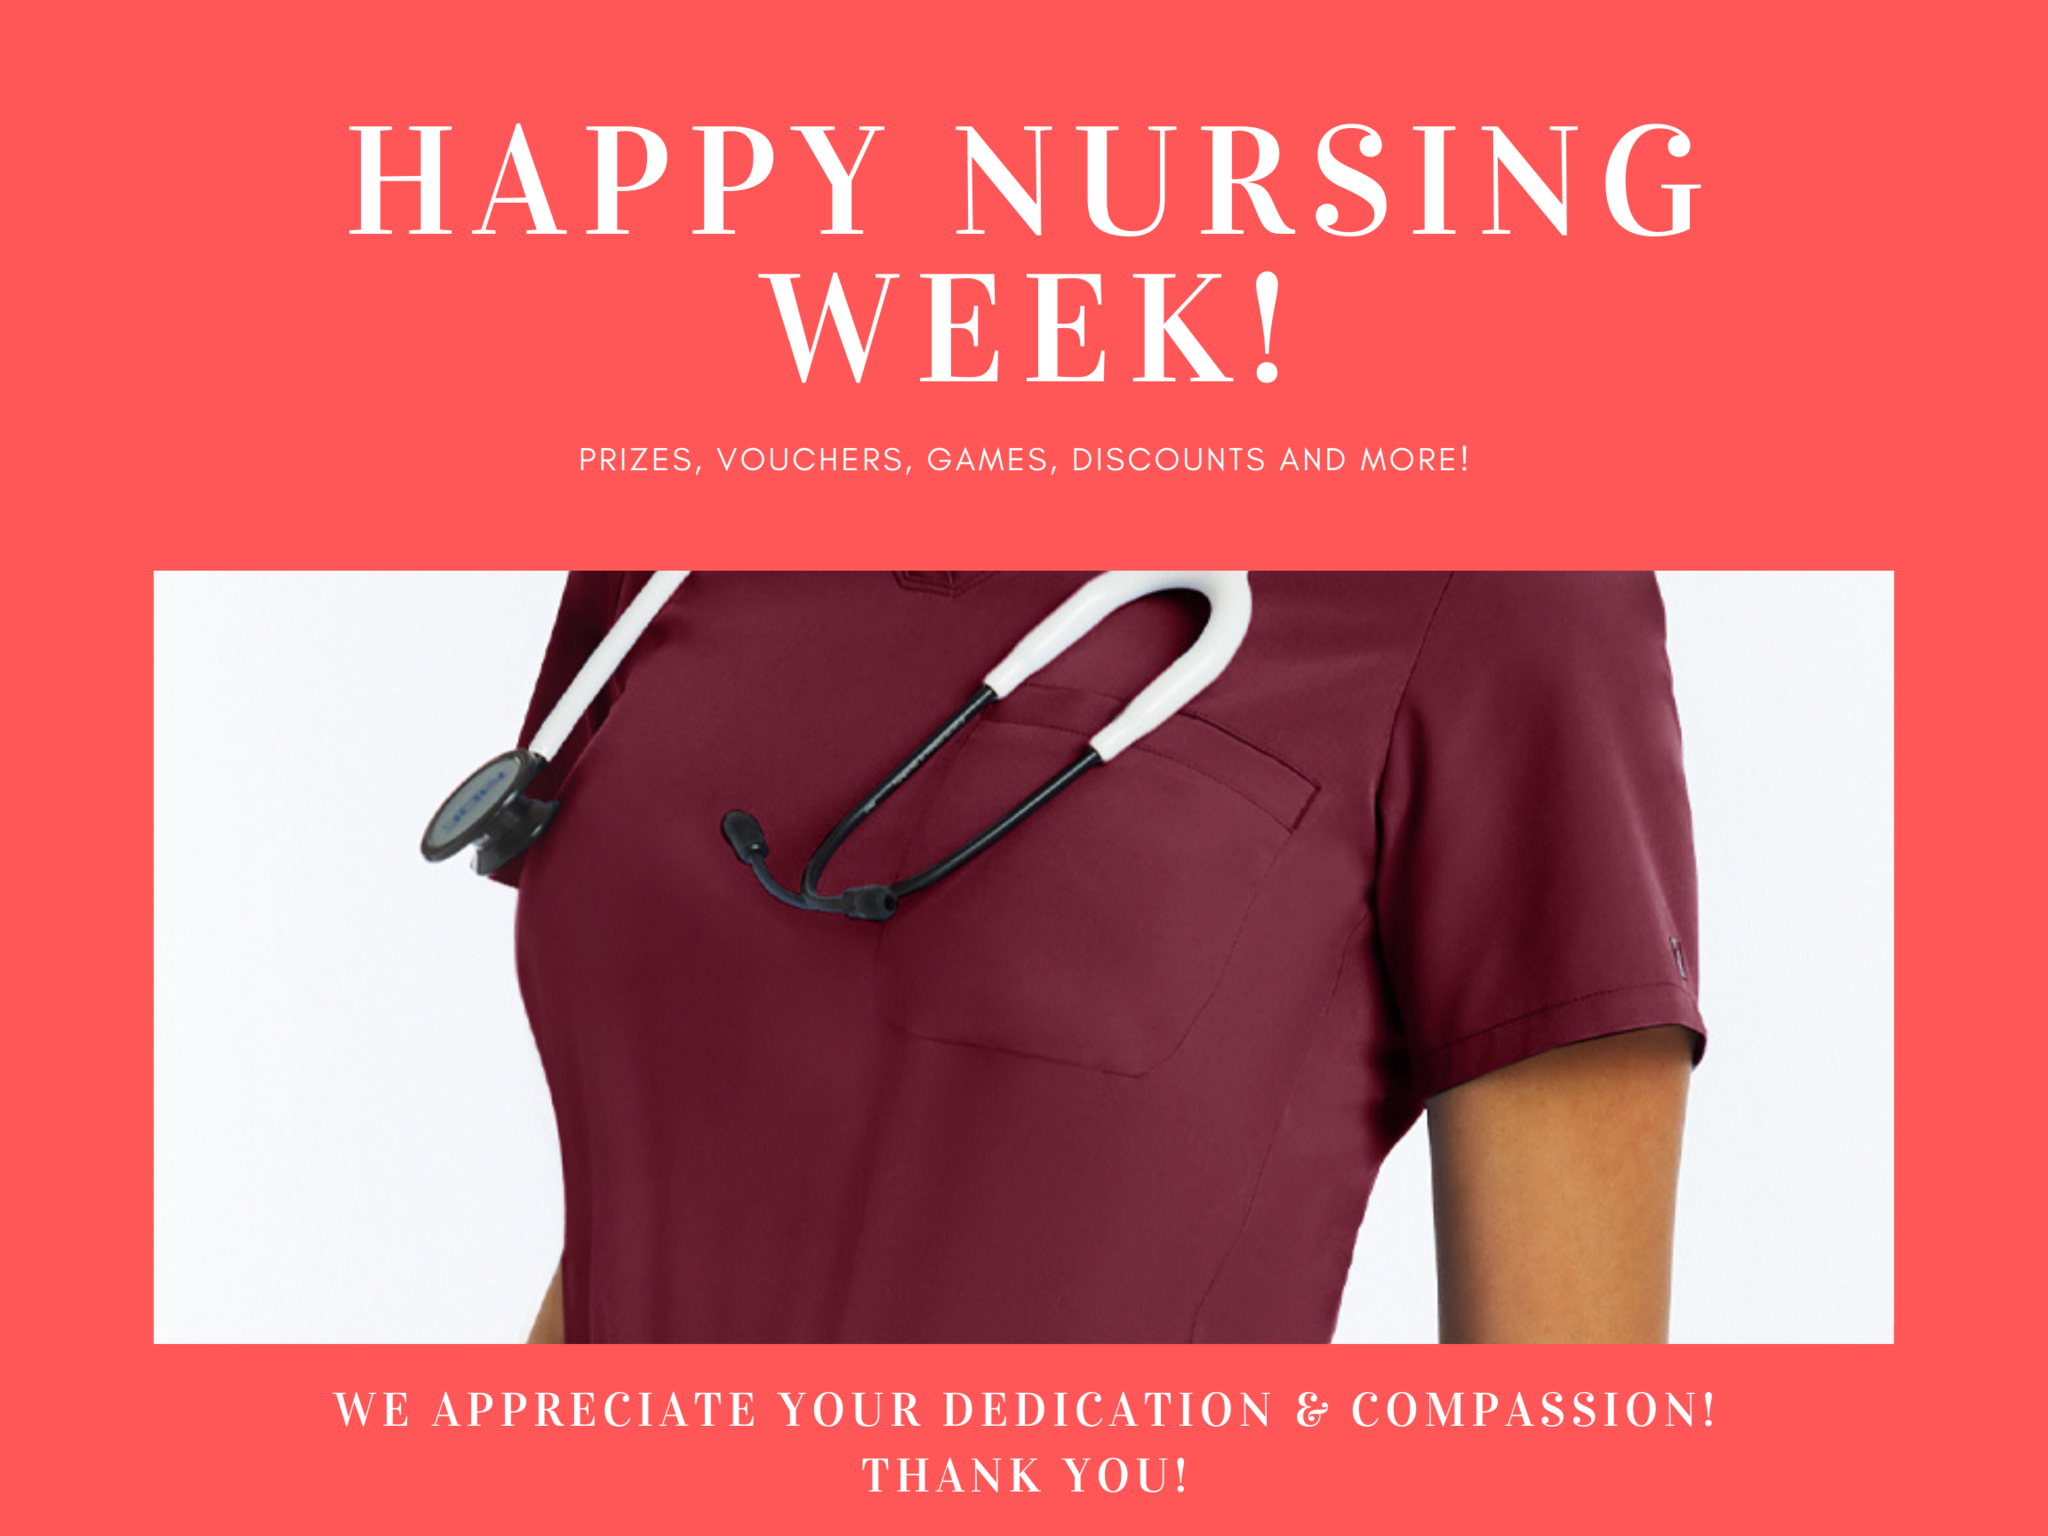 Nursing Week